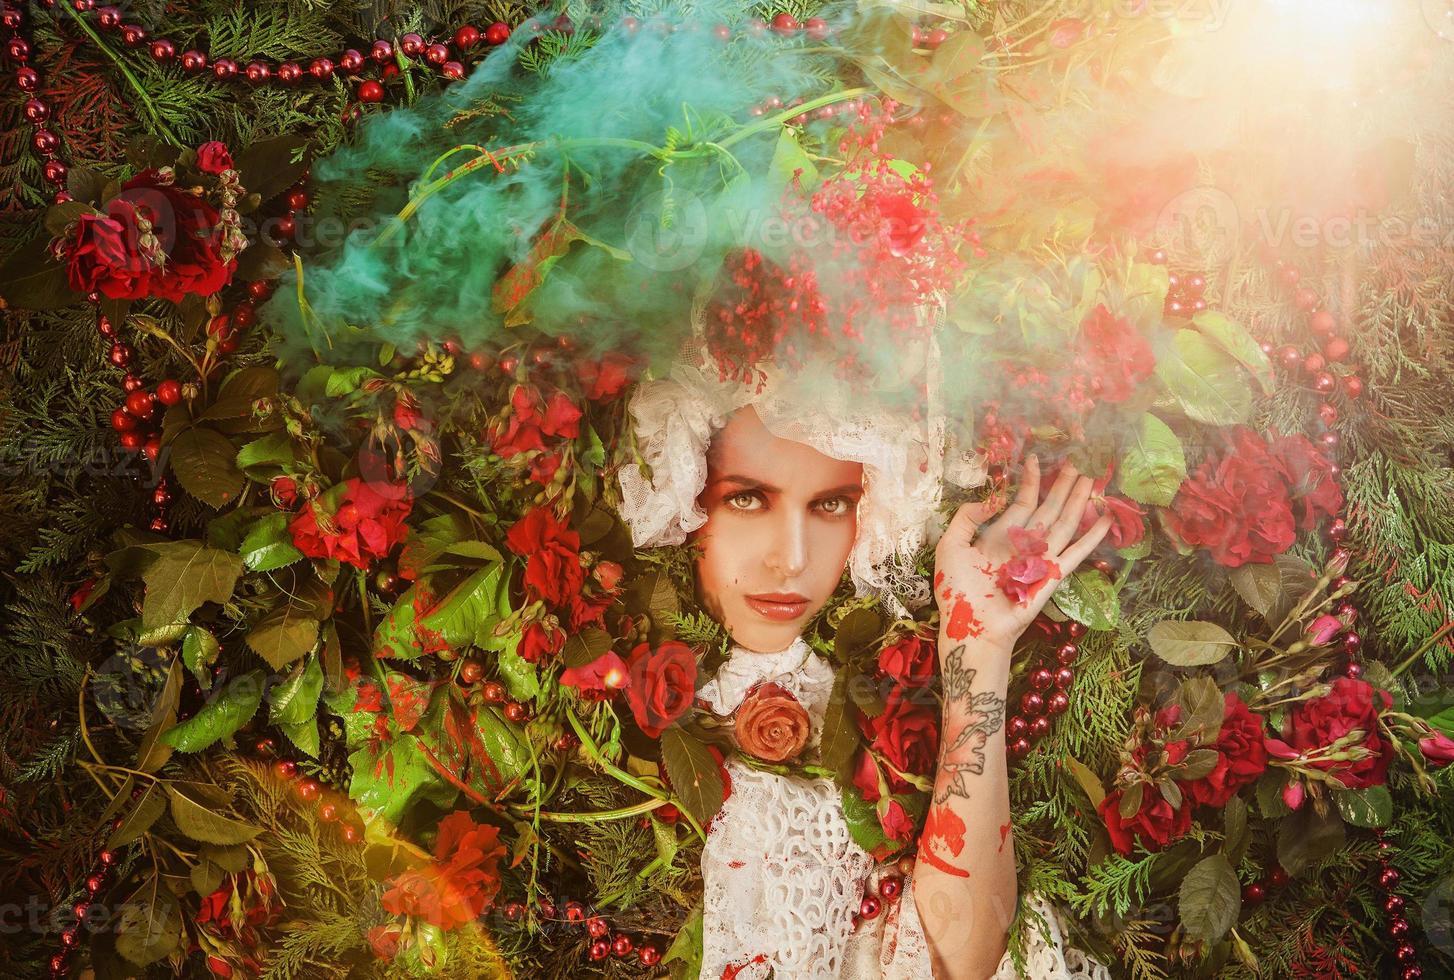 ritratto di ragazza fiaba circondato da fiori e piante naturali. foto